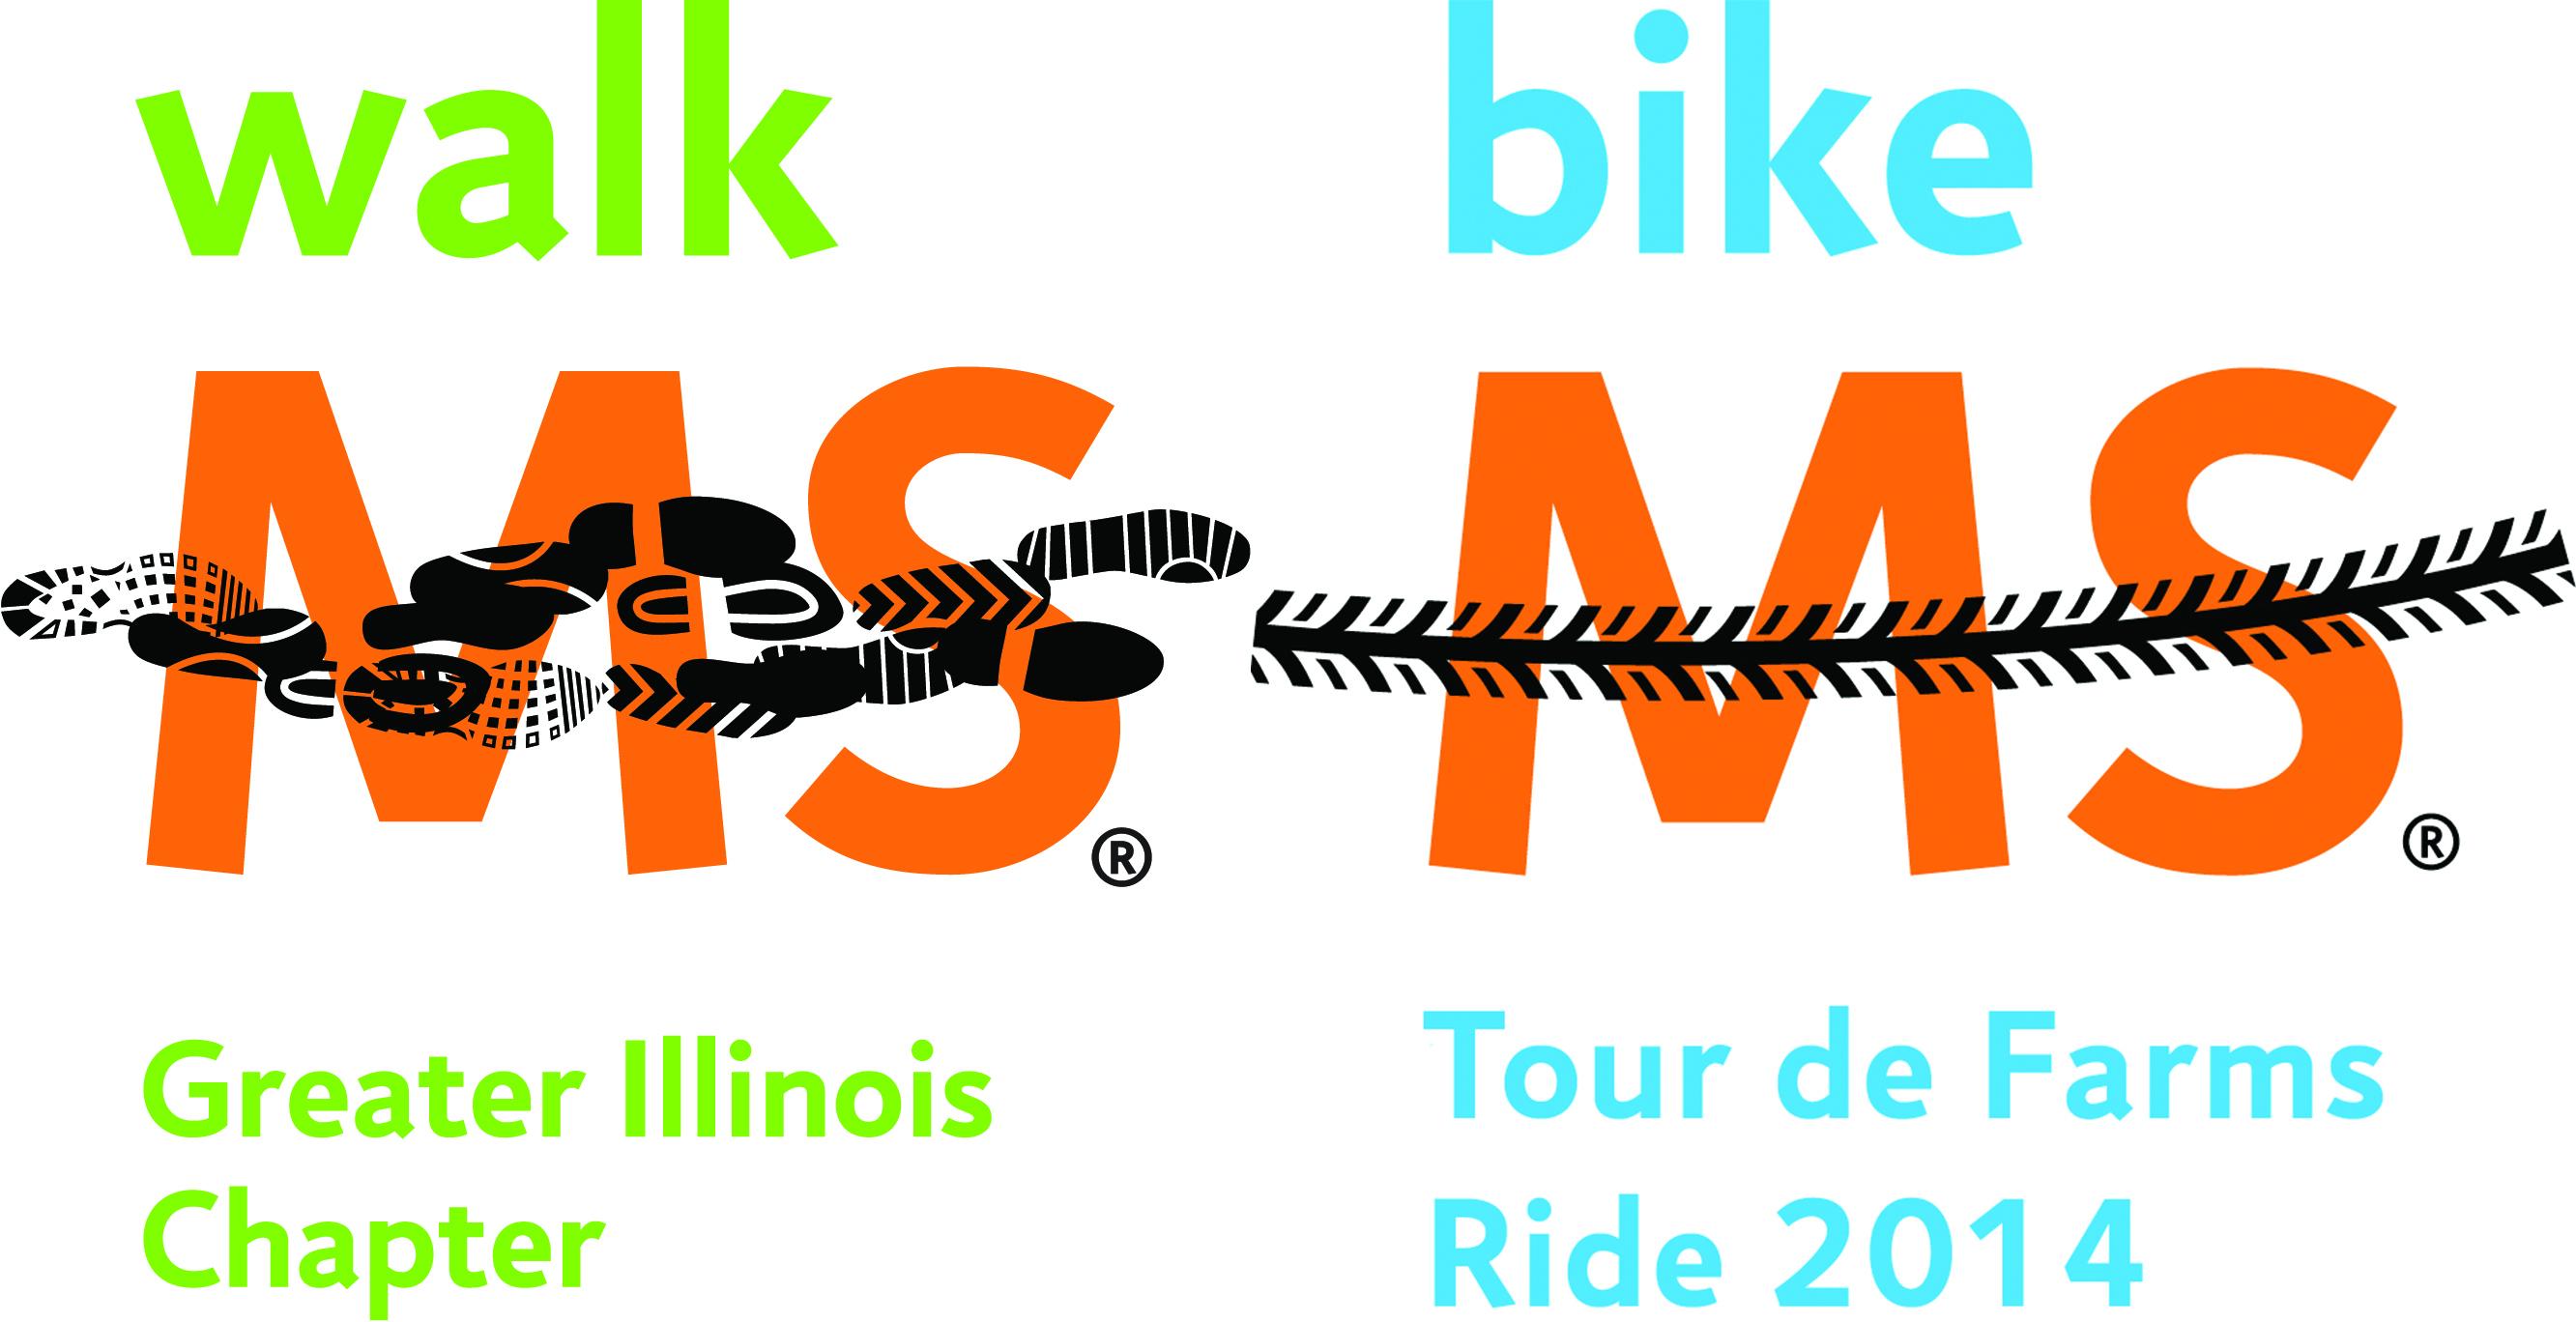 BikeWalk Logo.jpg